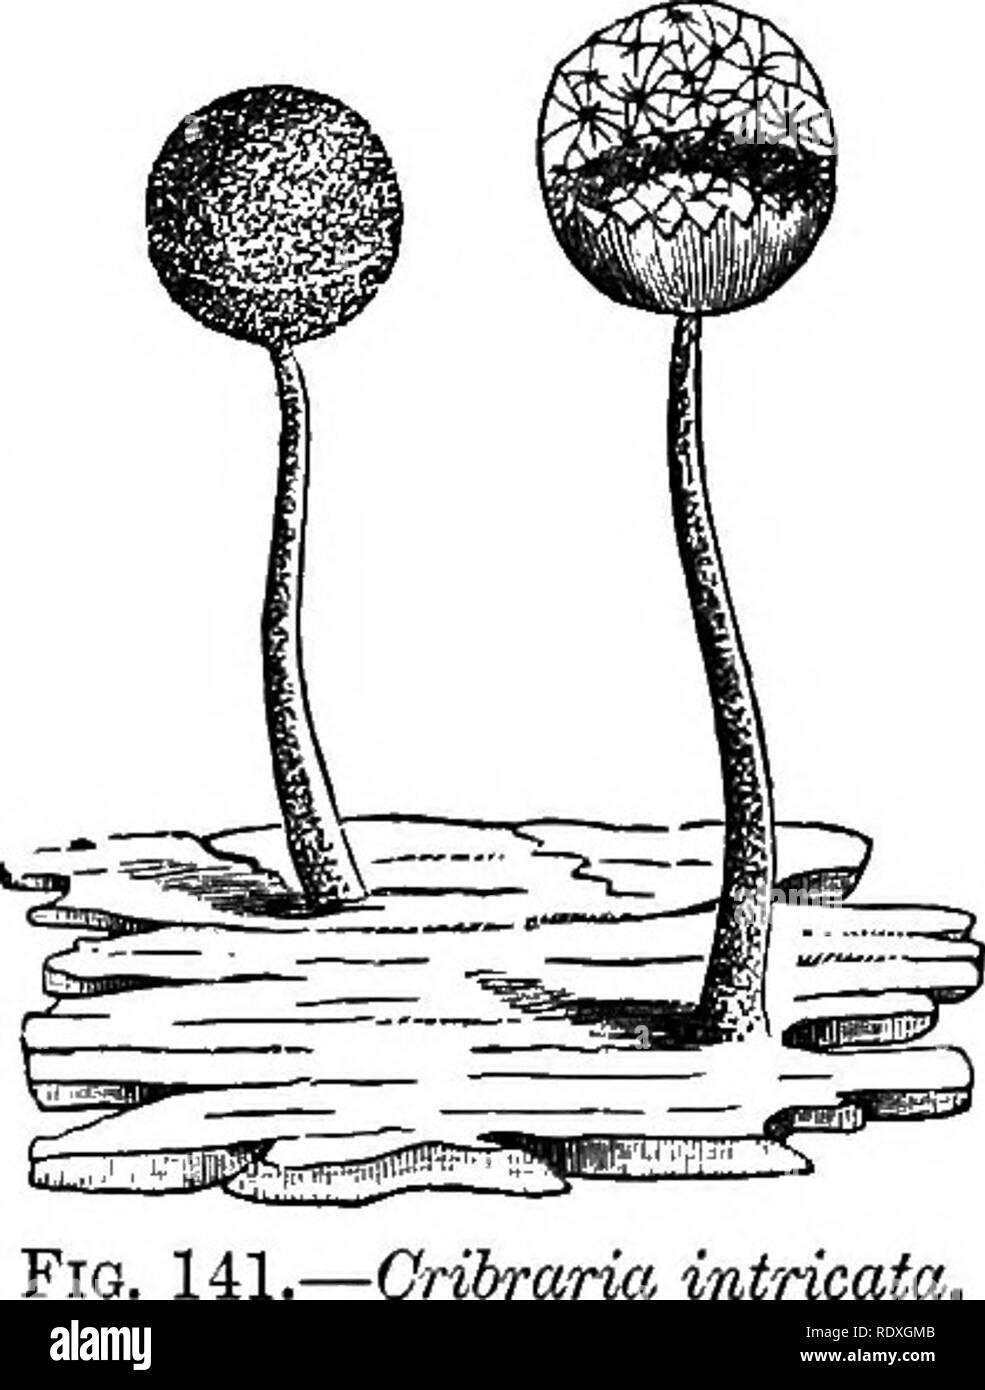 . Introducción al estudio de los hongos; su organography, clasificación y distribución, para el uso de colectores. Los hongos. Limo-HONGOS MYXOMYCETES 313 clasificación que ha sido adoptado por estos organismos singulares, los caracteres que se derivan de la condición reproductiva y final. La primera de las cuatro órdenes, en que todo el grupo se subdivide, es el Peritrichiaceae, en la cual la pared de los esporangios no está incrustada con cal, y la capillitium está ausente o formado a partir de la pared de los esporangios. Este nuevo orden es subdividido en dos subórdenes de Foto de stock